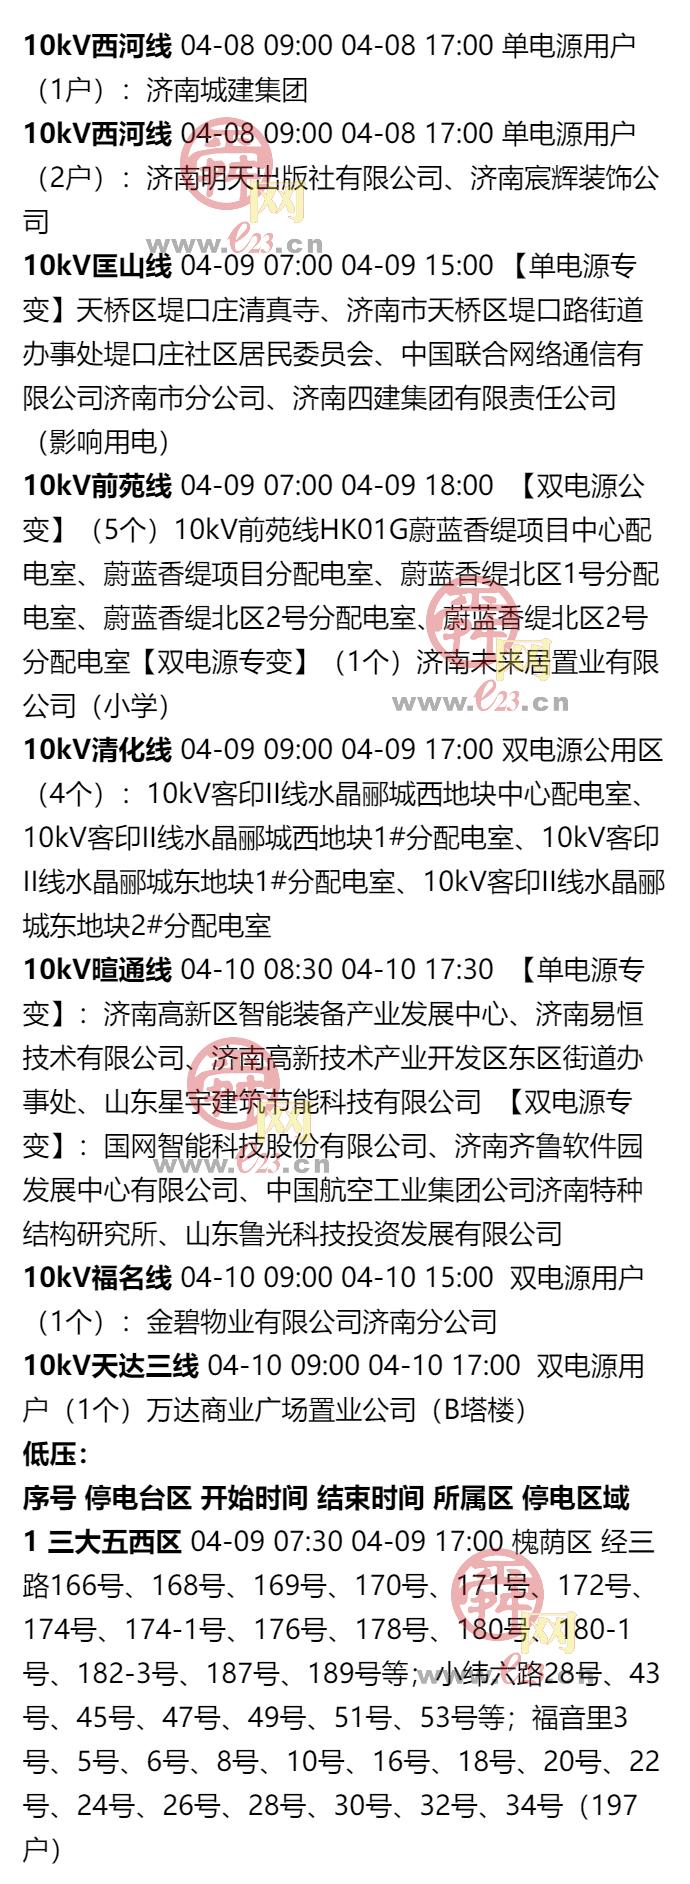 2020年4月4日至4月10日濟南部分區域電力設備檢修通知